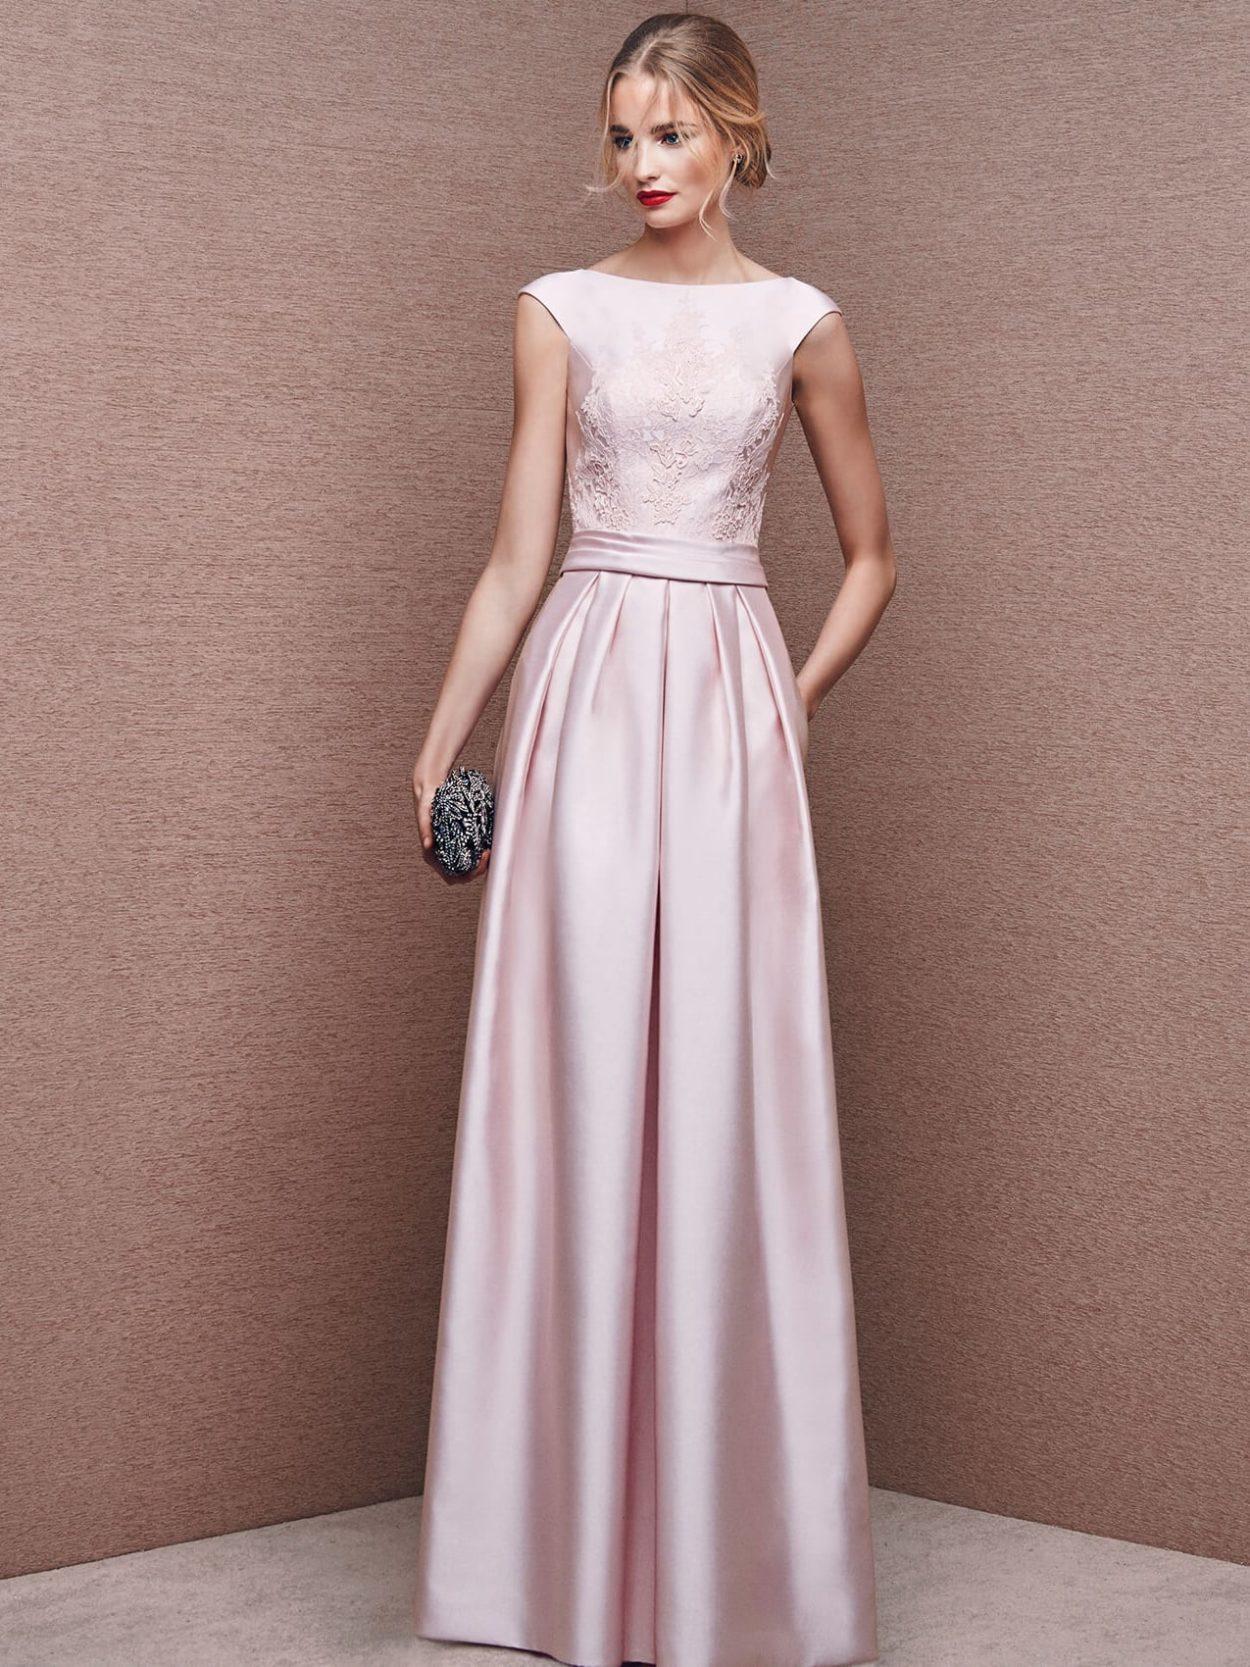 просто покатушки вечернее платье в пол на свадьбу фото фотограф как вампир